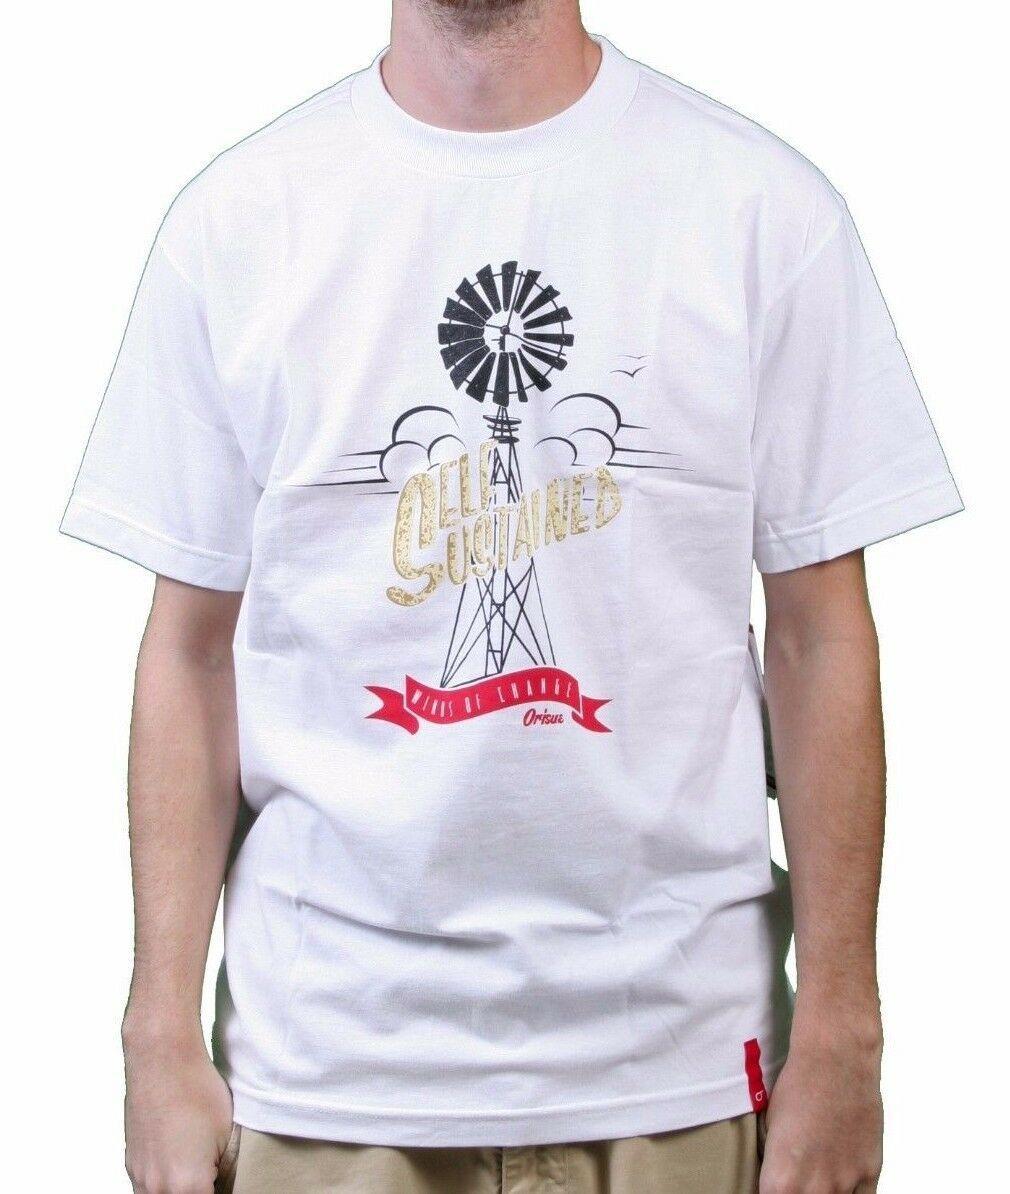 Orisue Hommes Blanc Auto Soutenue Winds De Changer Windmill T-Shirt Nwt